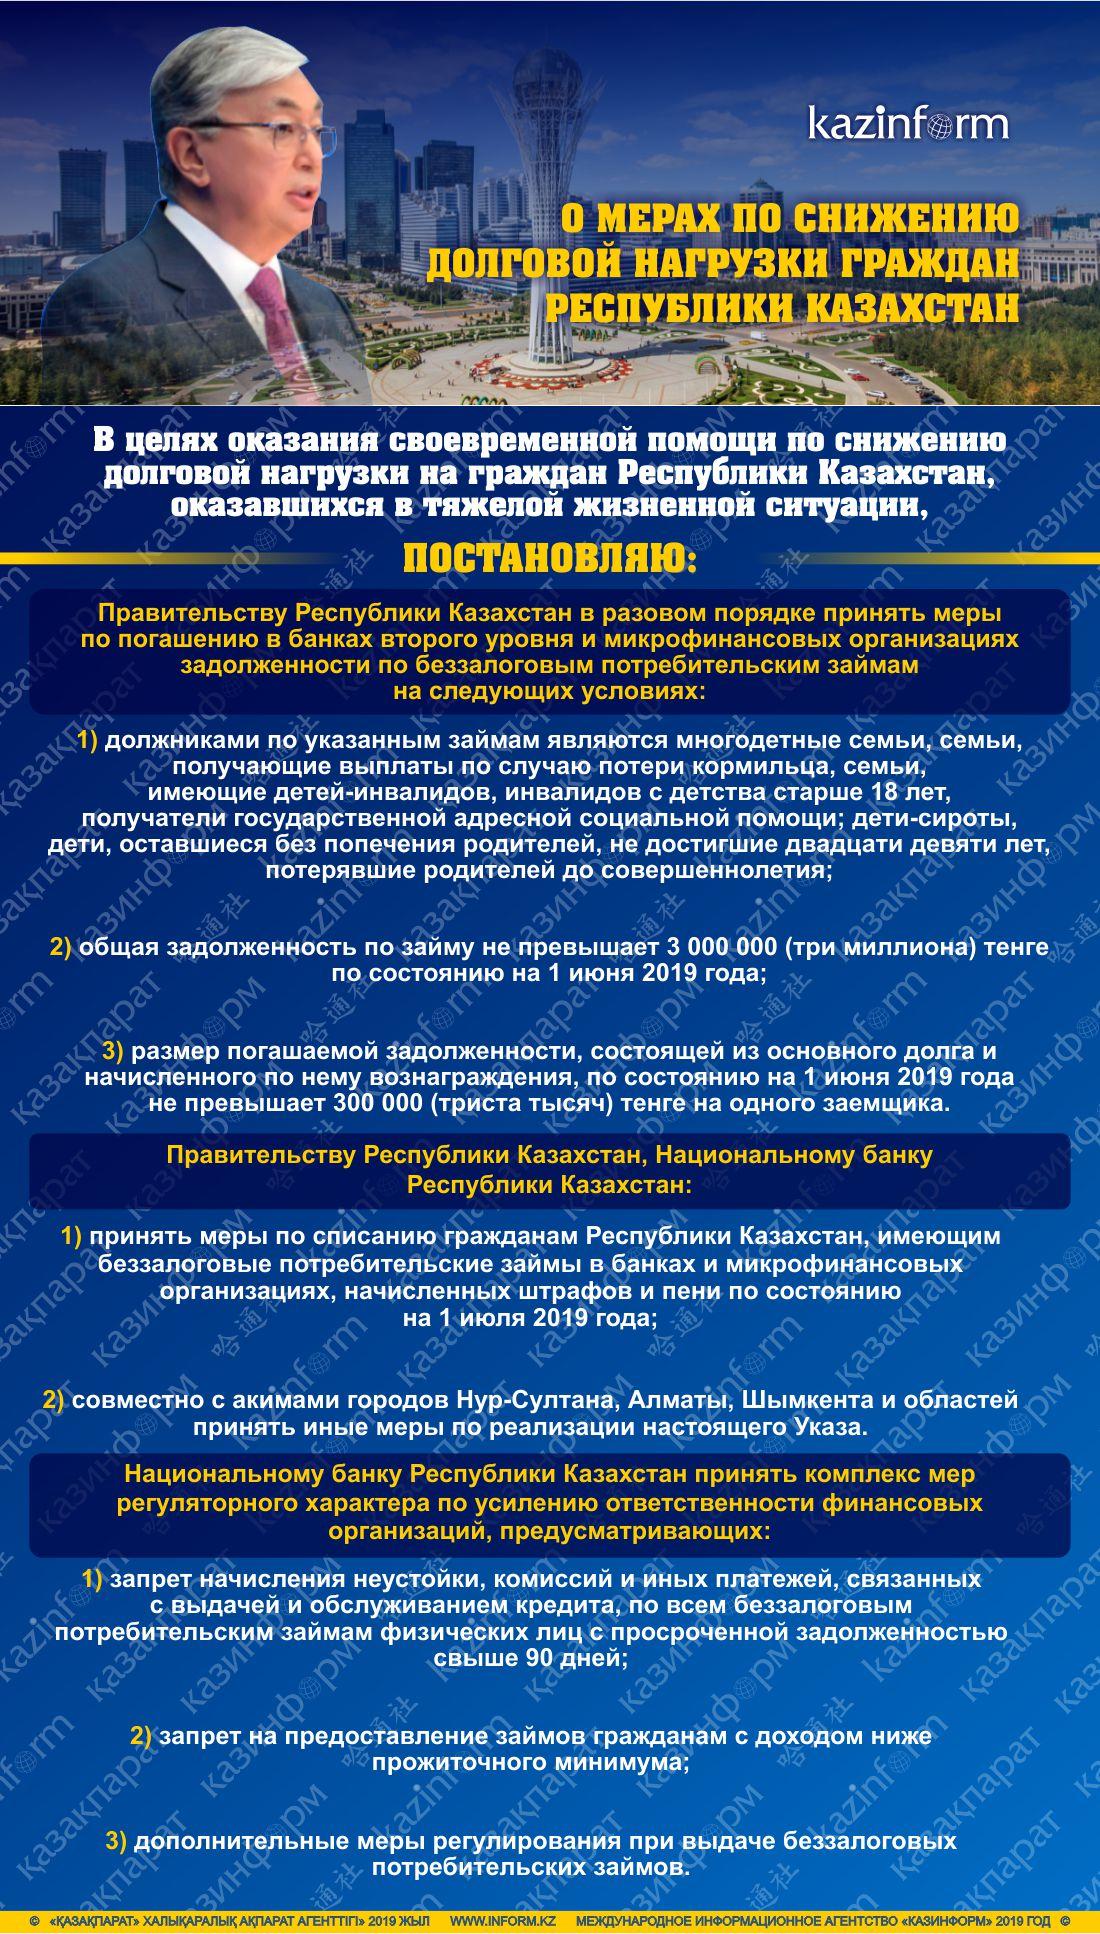 О мерах по снижению долговой нагрузки граждан Республики Казахстан